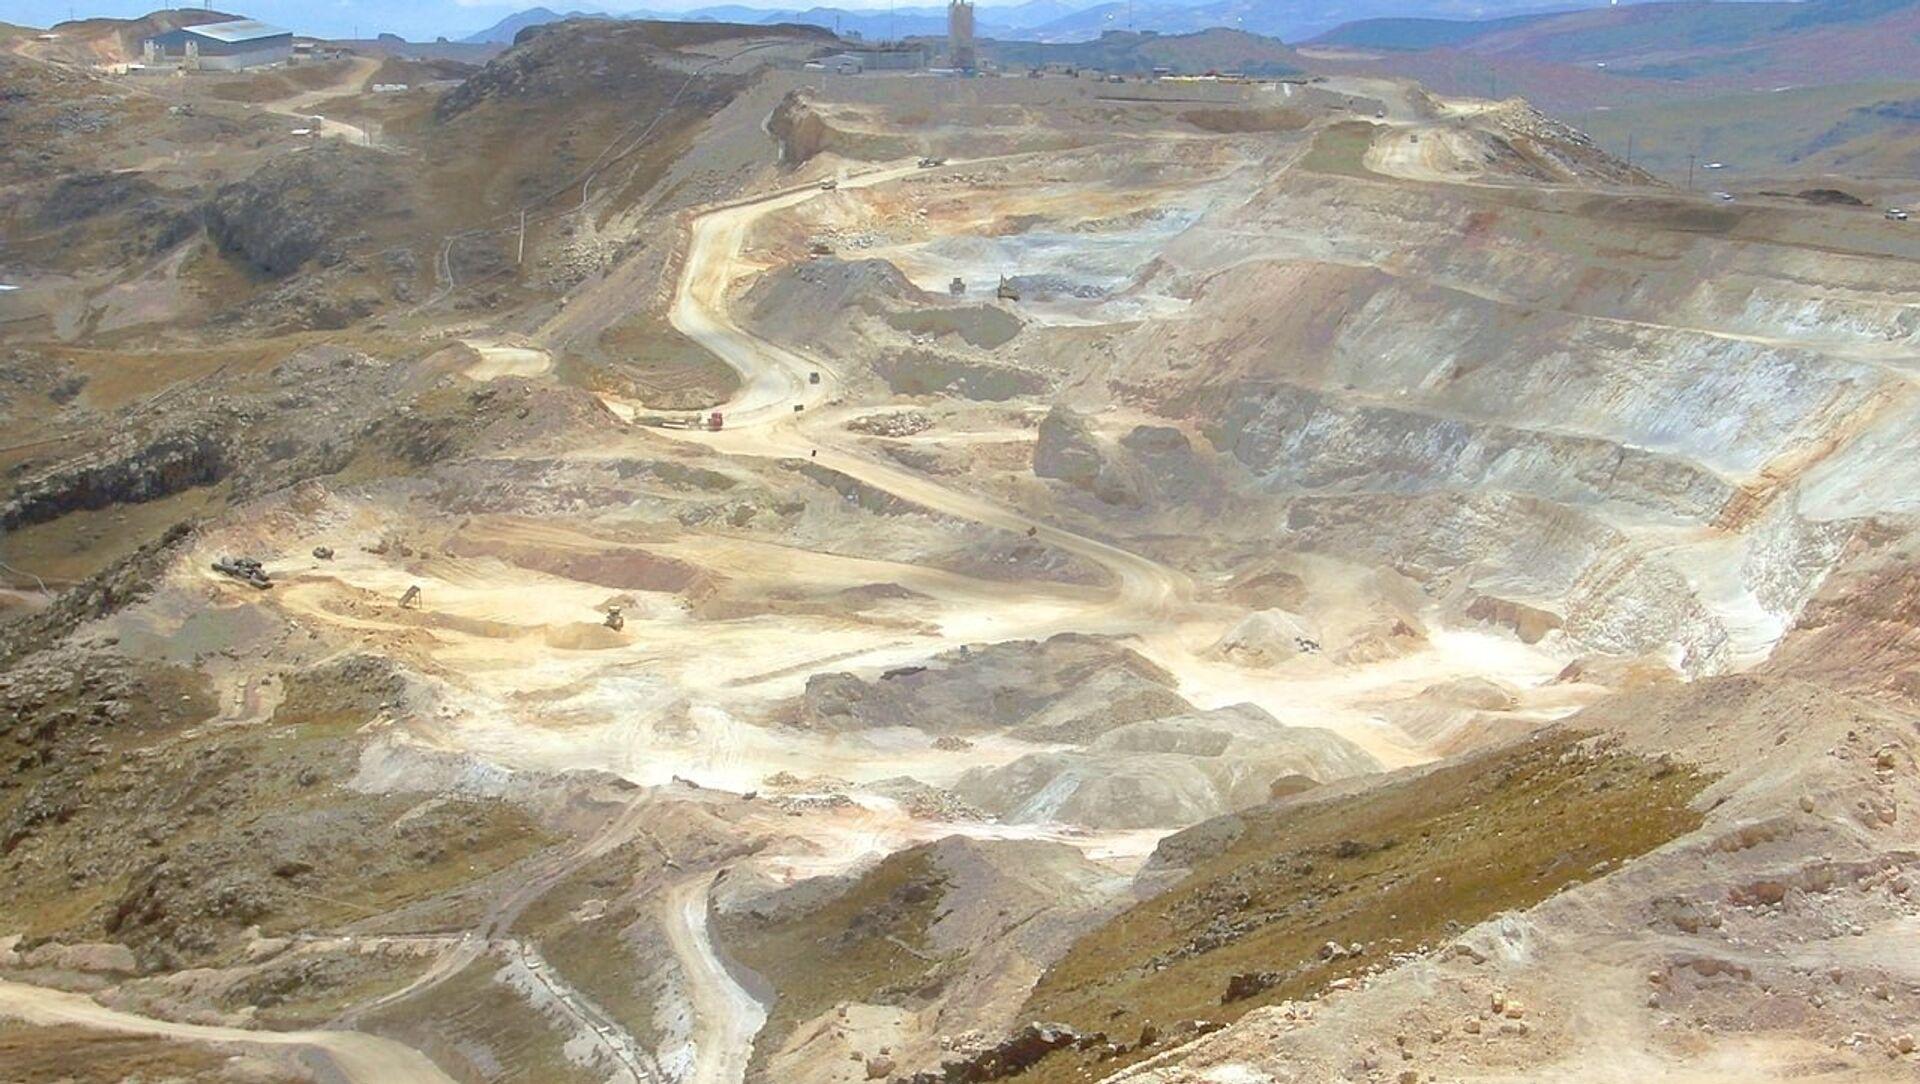 Mina de oro en Perú - Sputnik Mundo, 1920, 15.12.2020